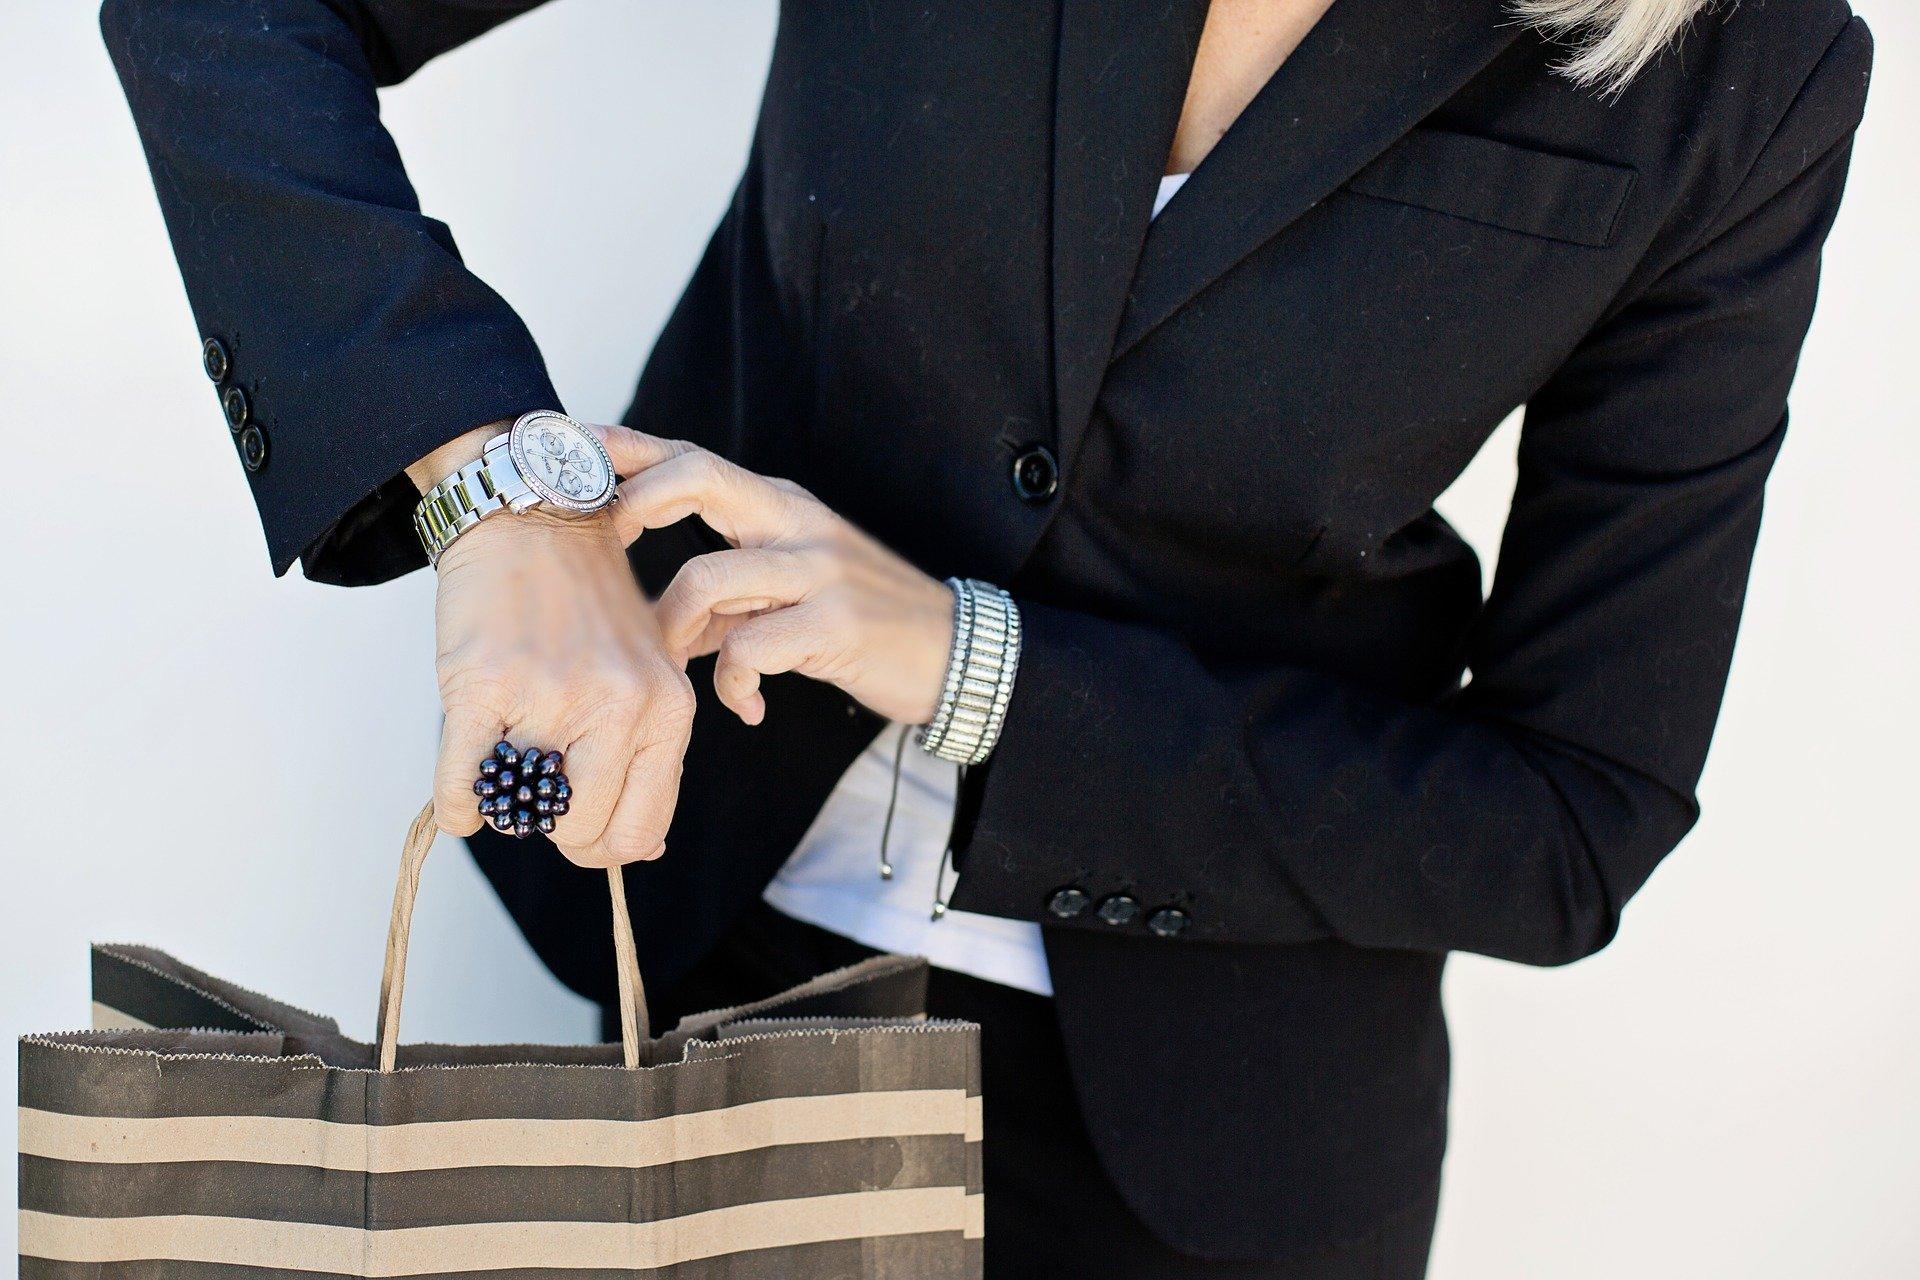 Nie lubisz marnować czasu? Rób zakupy w internecie! Przekonamy cię, że to świetny pomysł